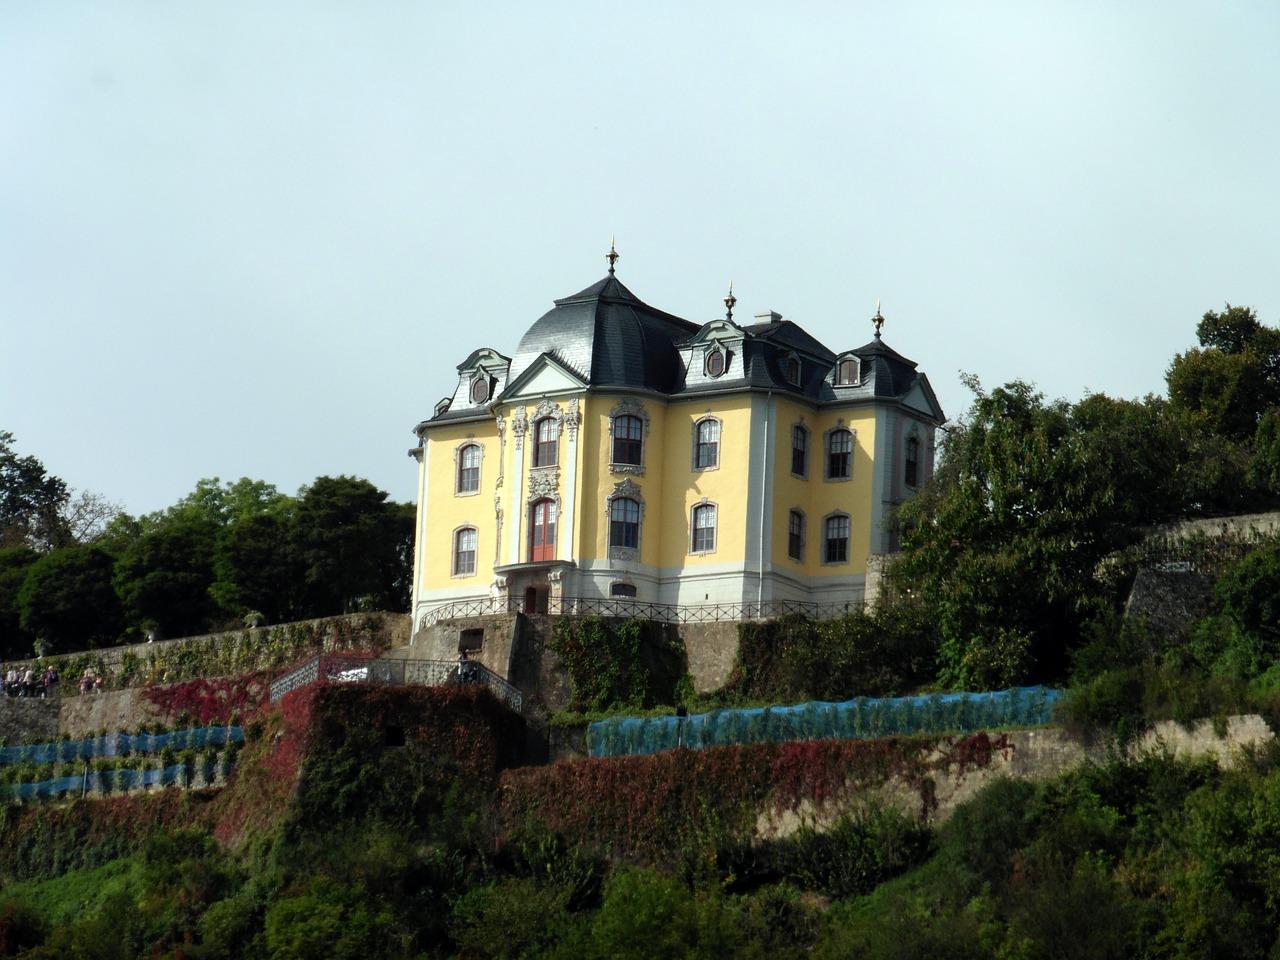 Dornburger Renaissance-Schloss